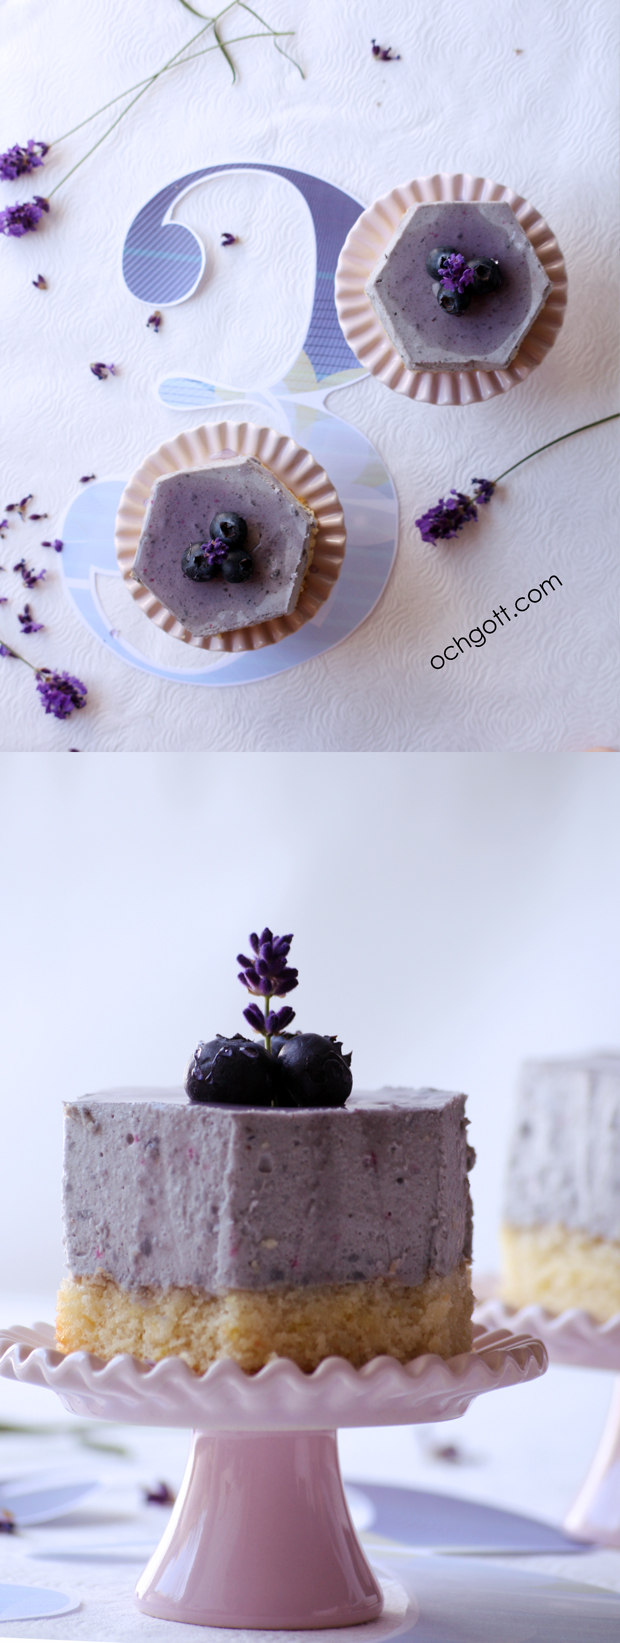 Blåbär- och lavendelbakelse